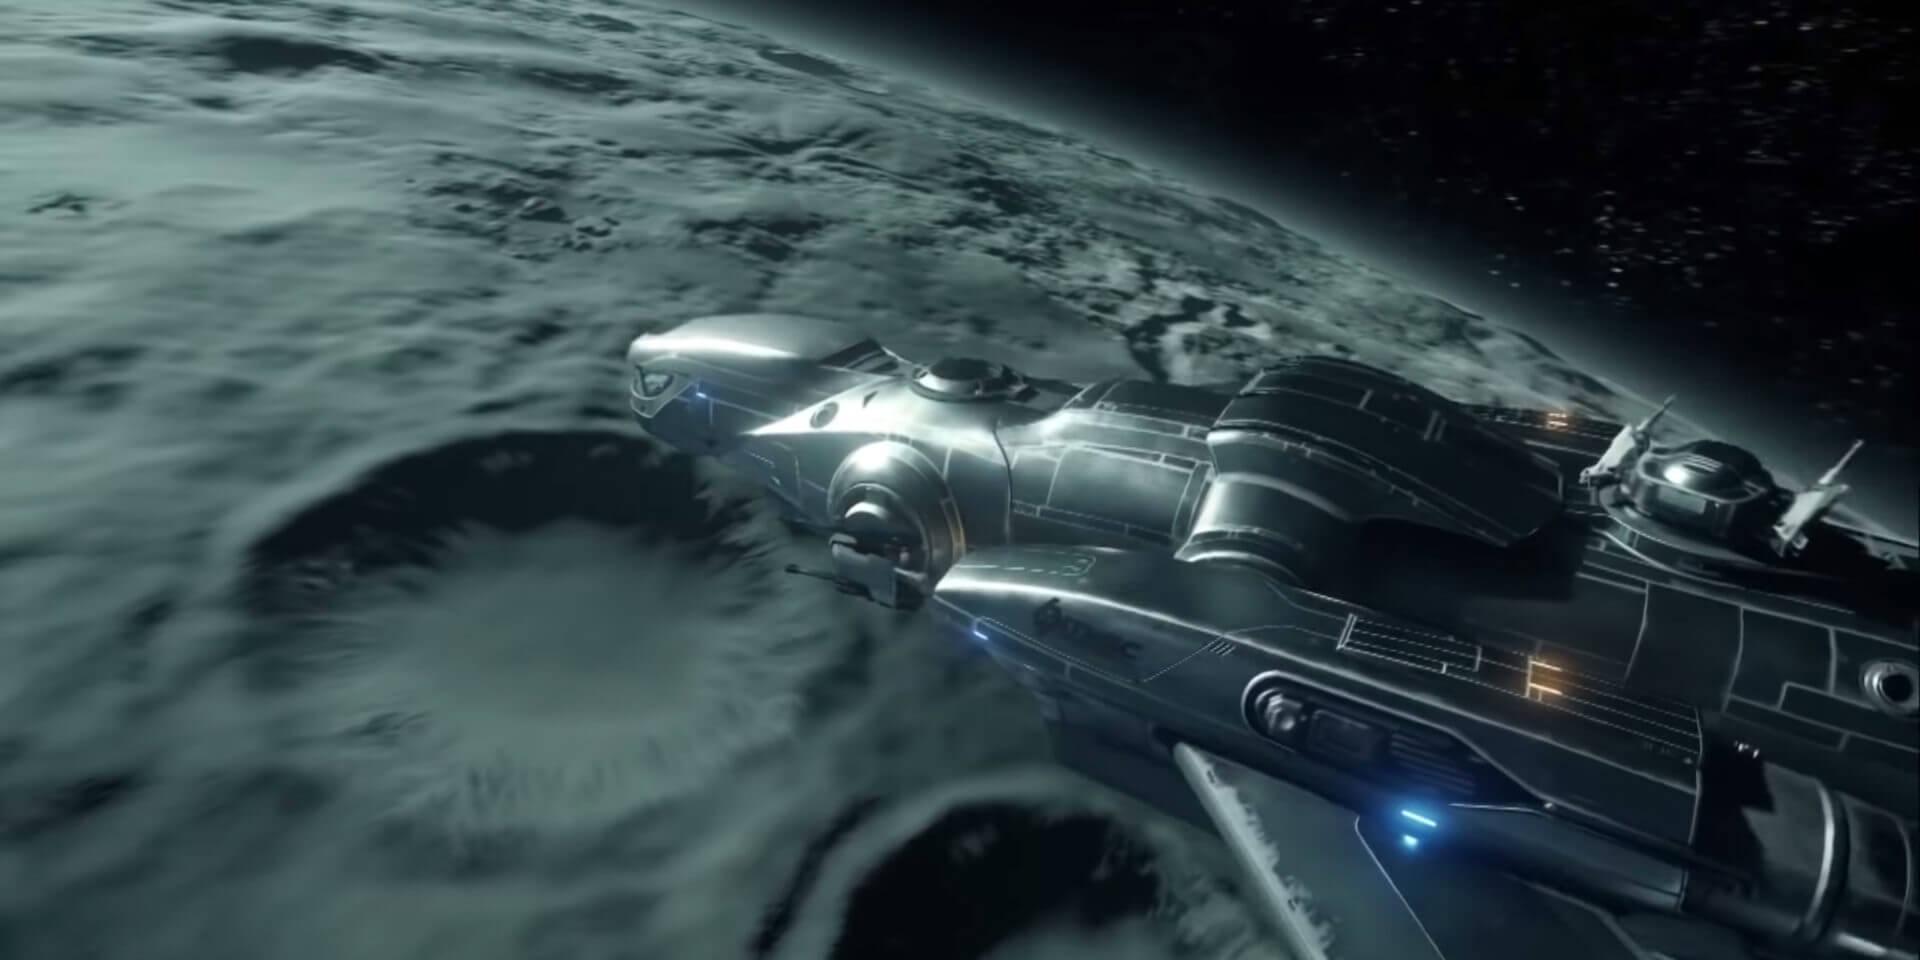 سفر به اعماق کهکشان در تریلر جدید بازی Star Citizen [تماشا کنید]